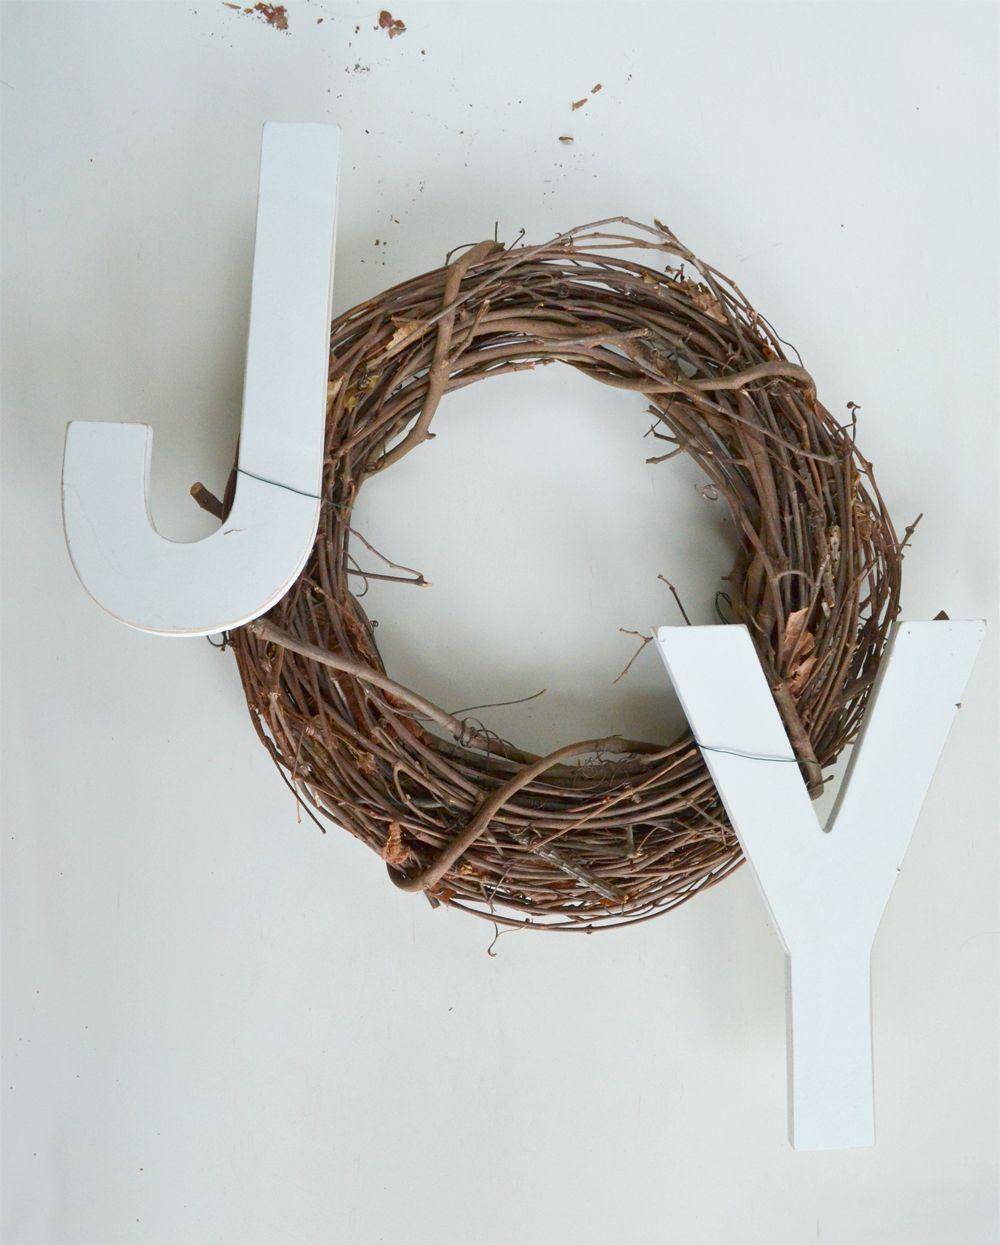 Joy Holiday Wreath - Add to wreath